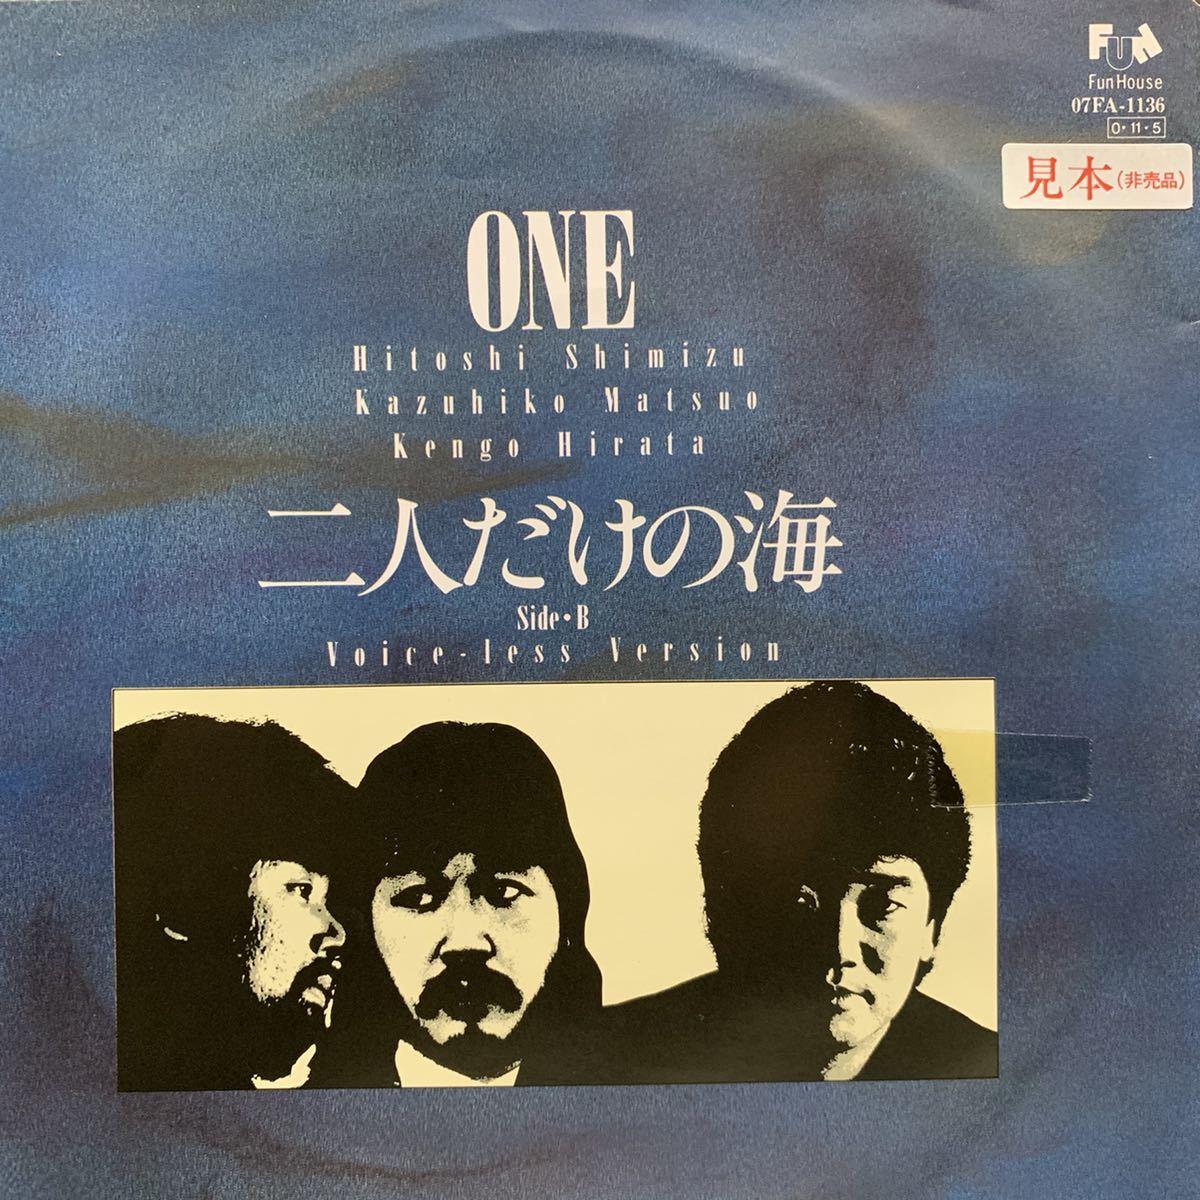 【EP】【7インチレコード】激レア 87年 非売品 見本盤 ONE / 二人だけの海 CD移行期 和モノ_画像1